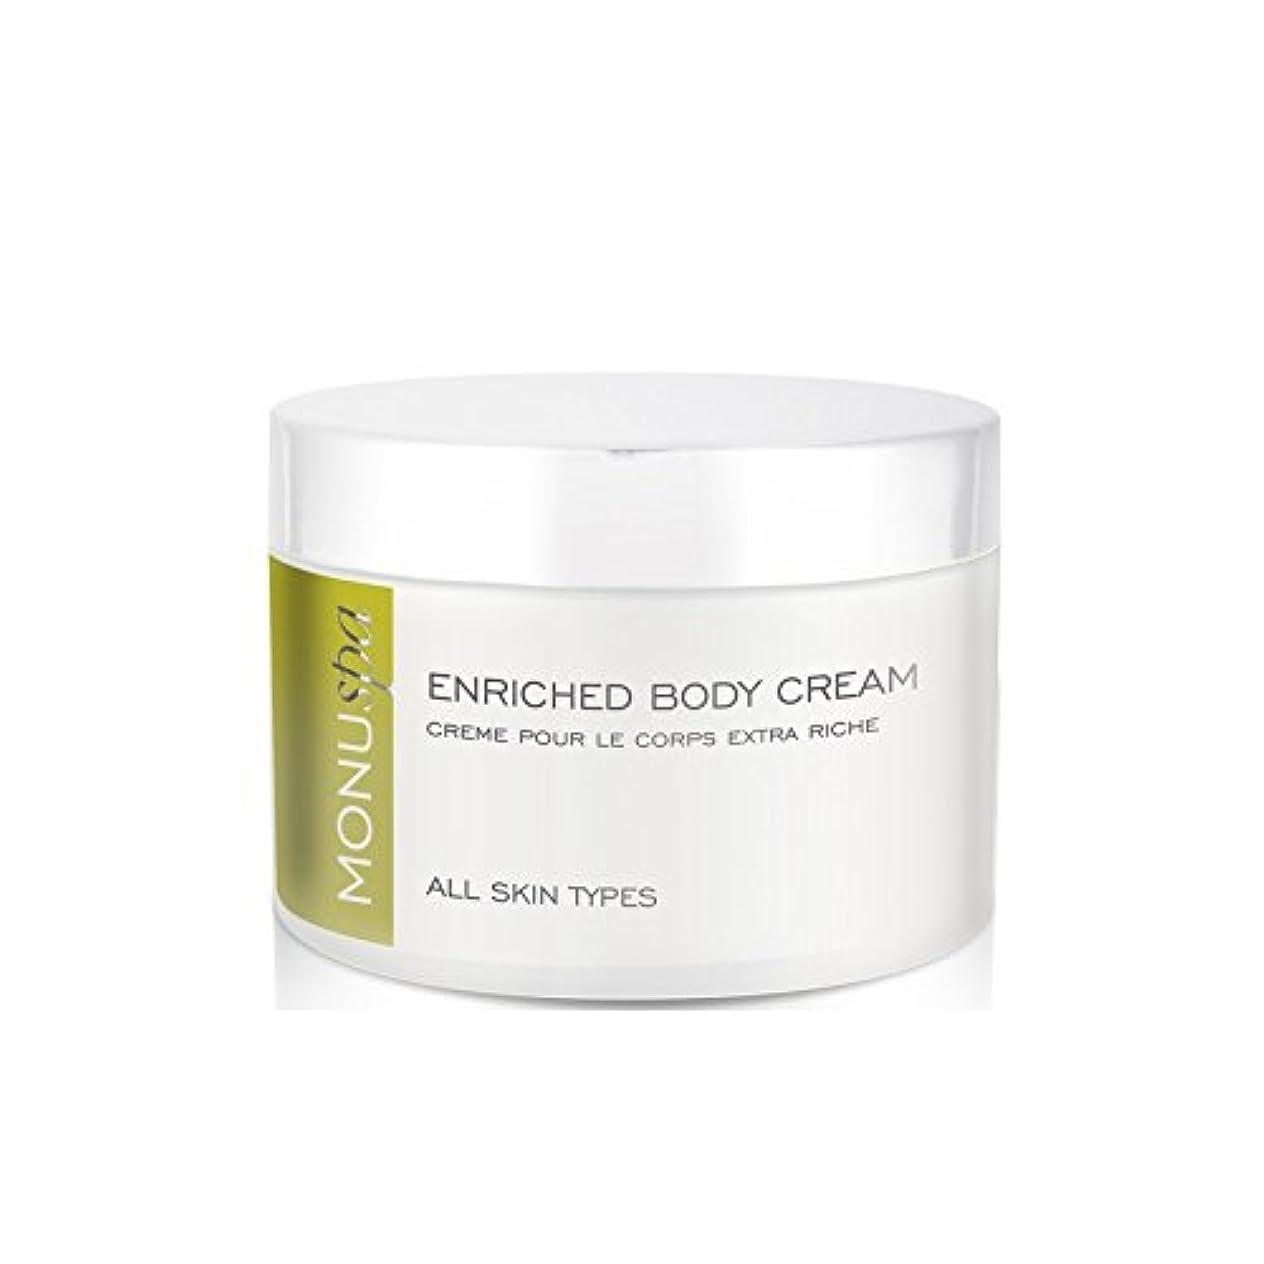 バイオレット真実にもっと濃縮ボディクリーム200ミリリットル x2 - MONUspa Enriched Body Cream 200ml (Pack of 2) [並行輸入品]